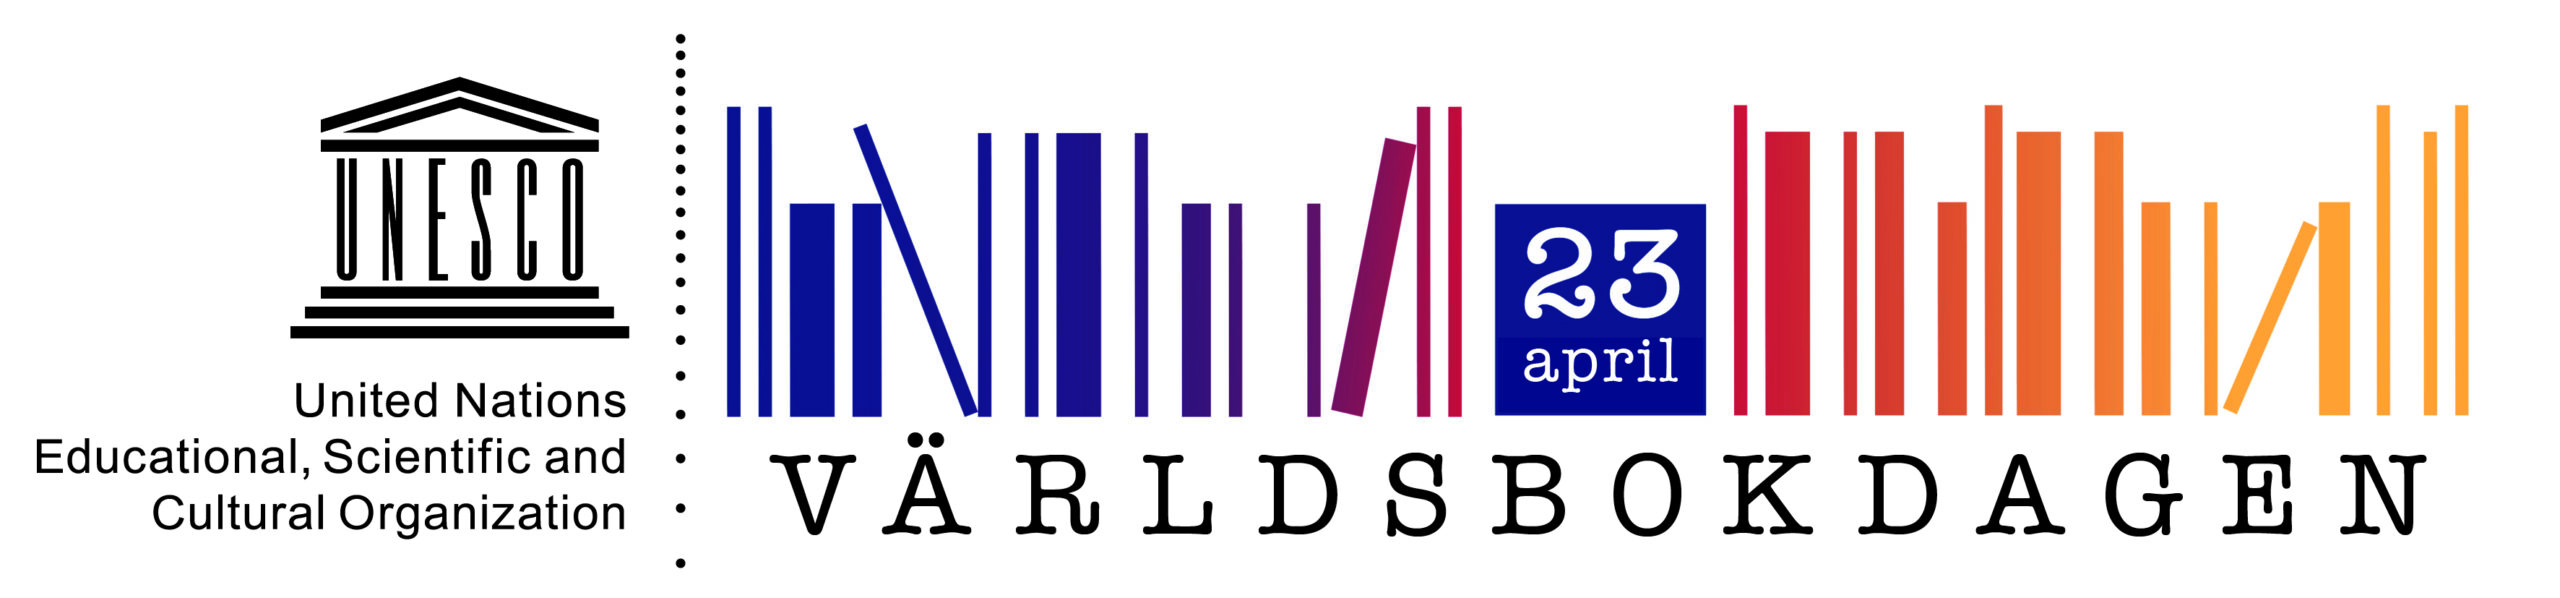 Världsbokdagen